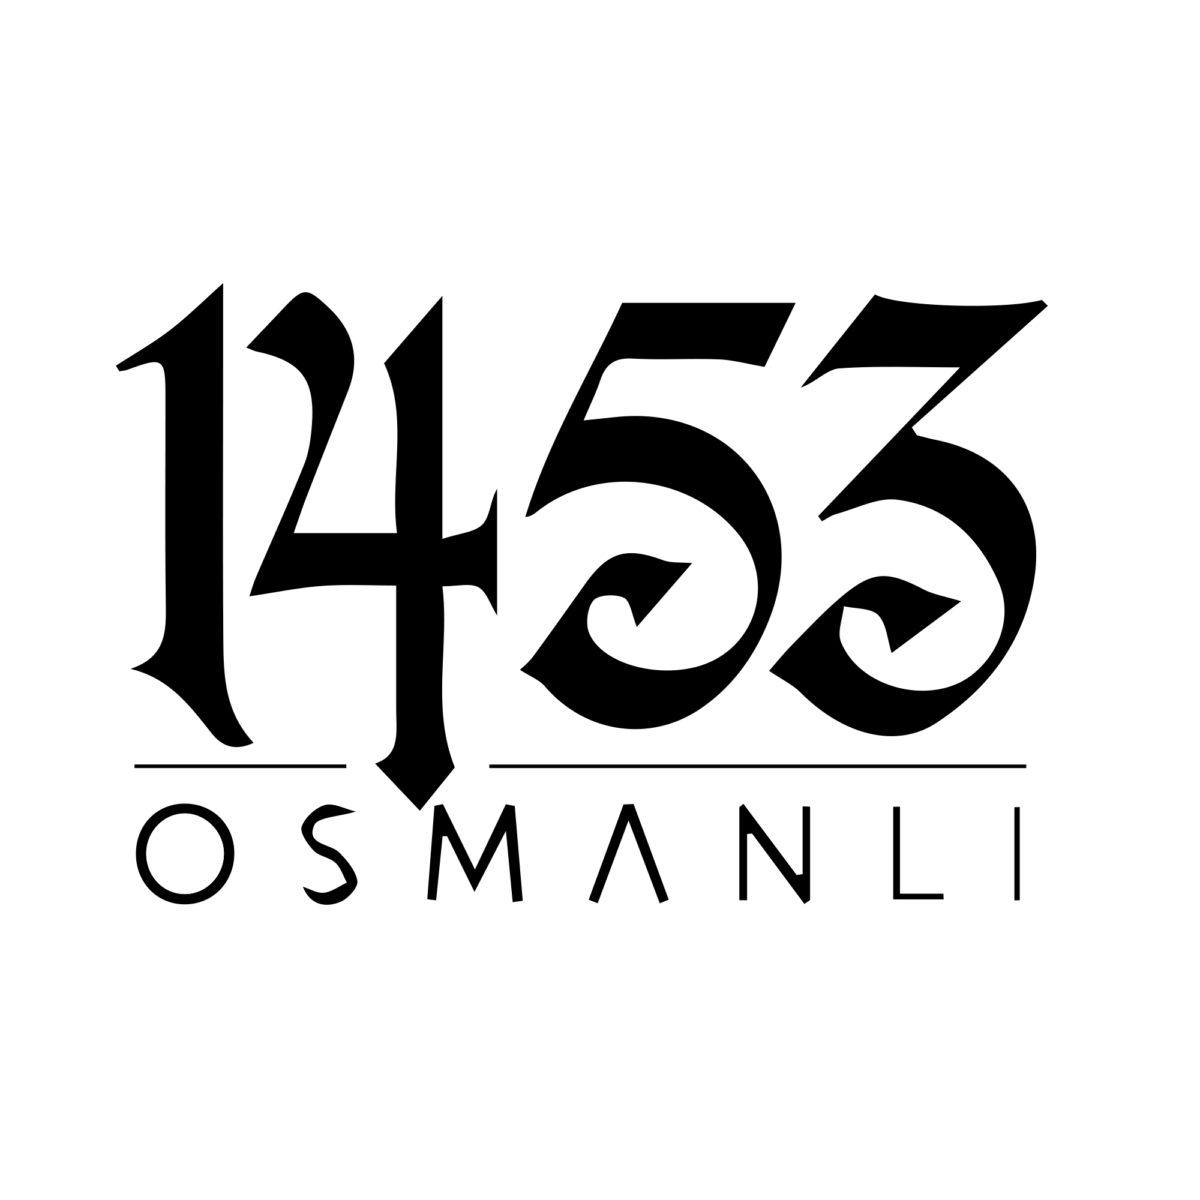 1453 Osmanli